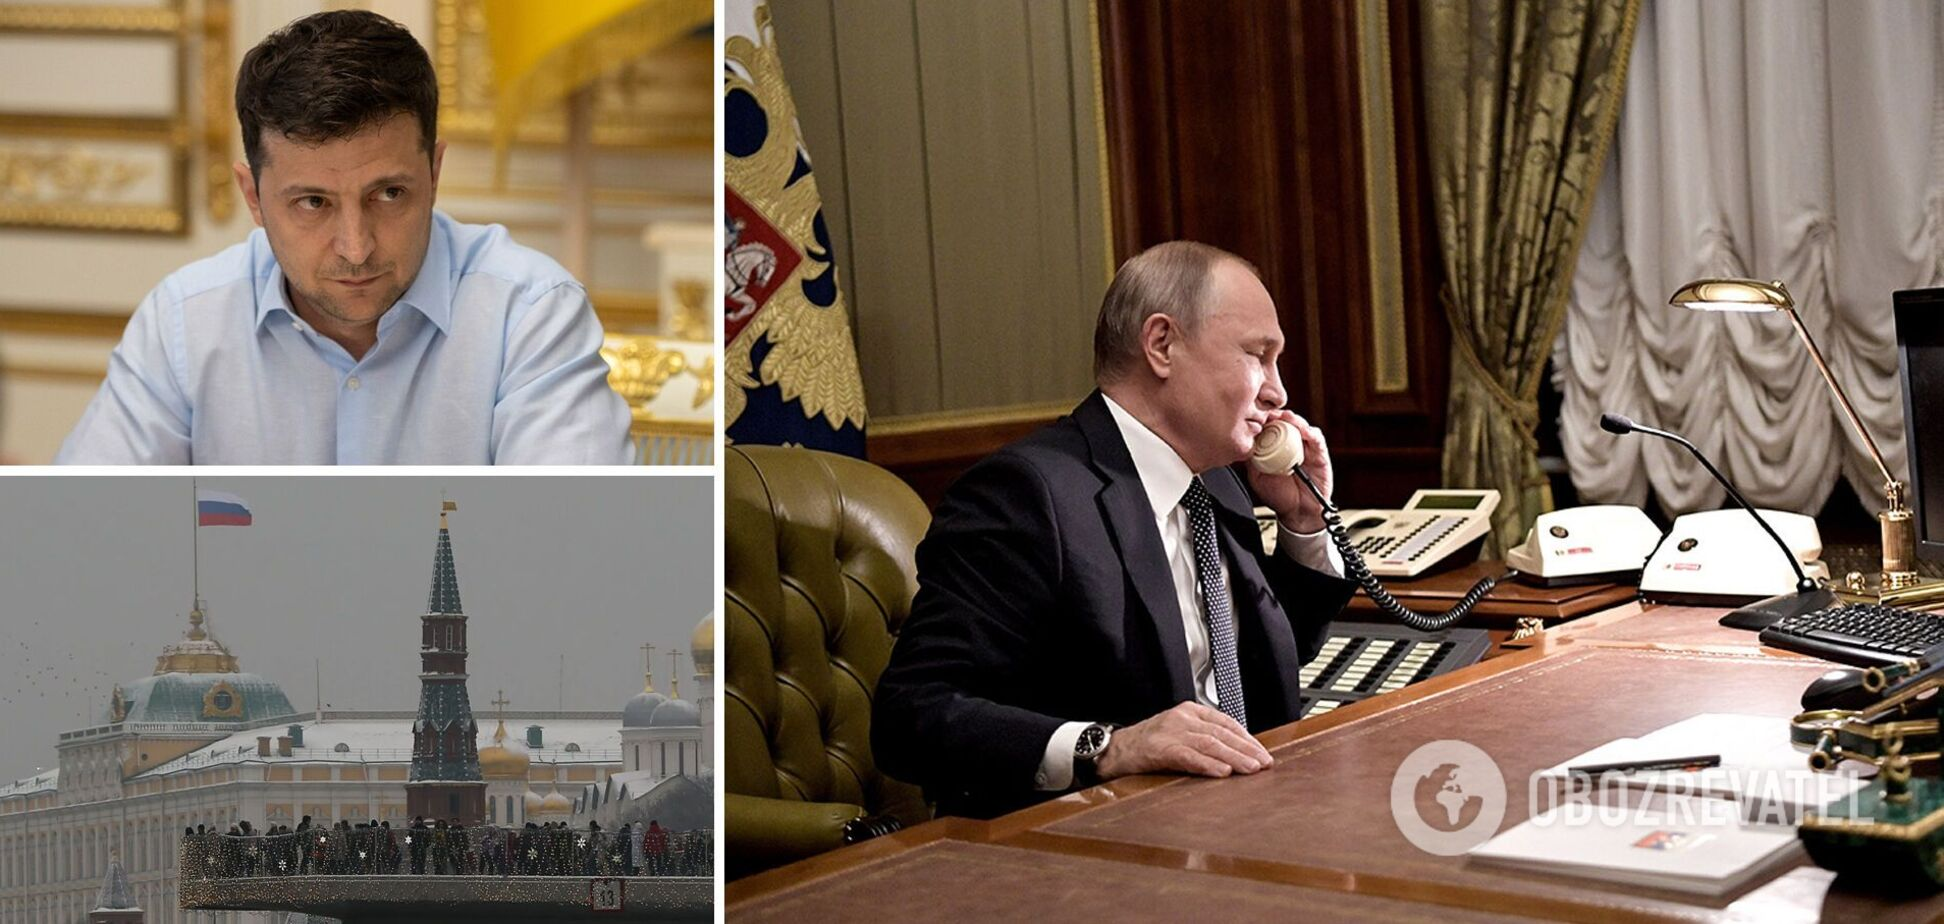 Російський президент Володимир Путін може бути більше настроєний на переговори з українськими олігархами, ніж з українською владою